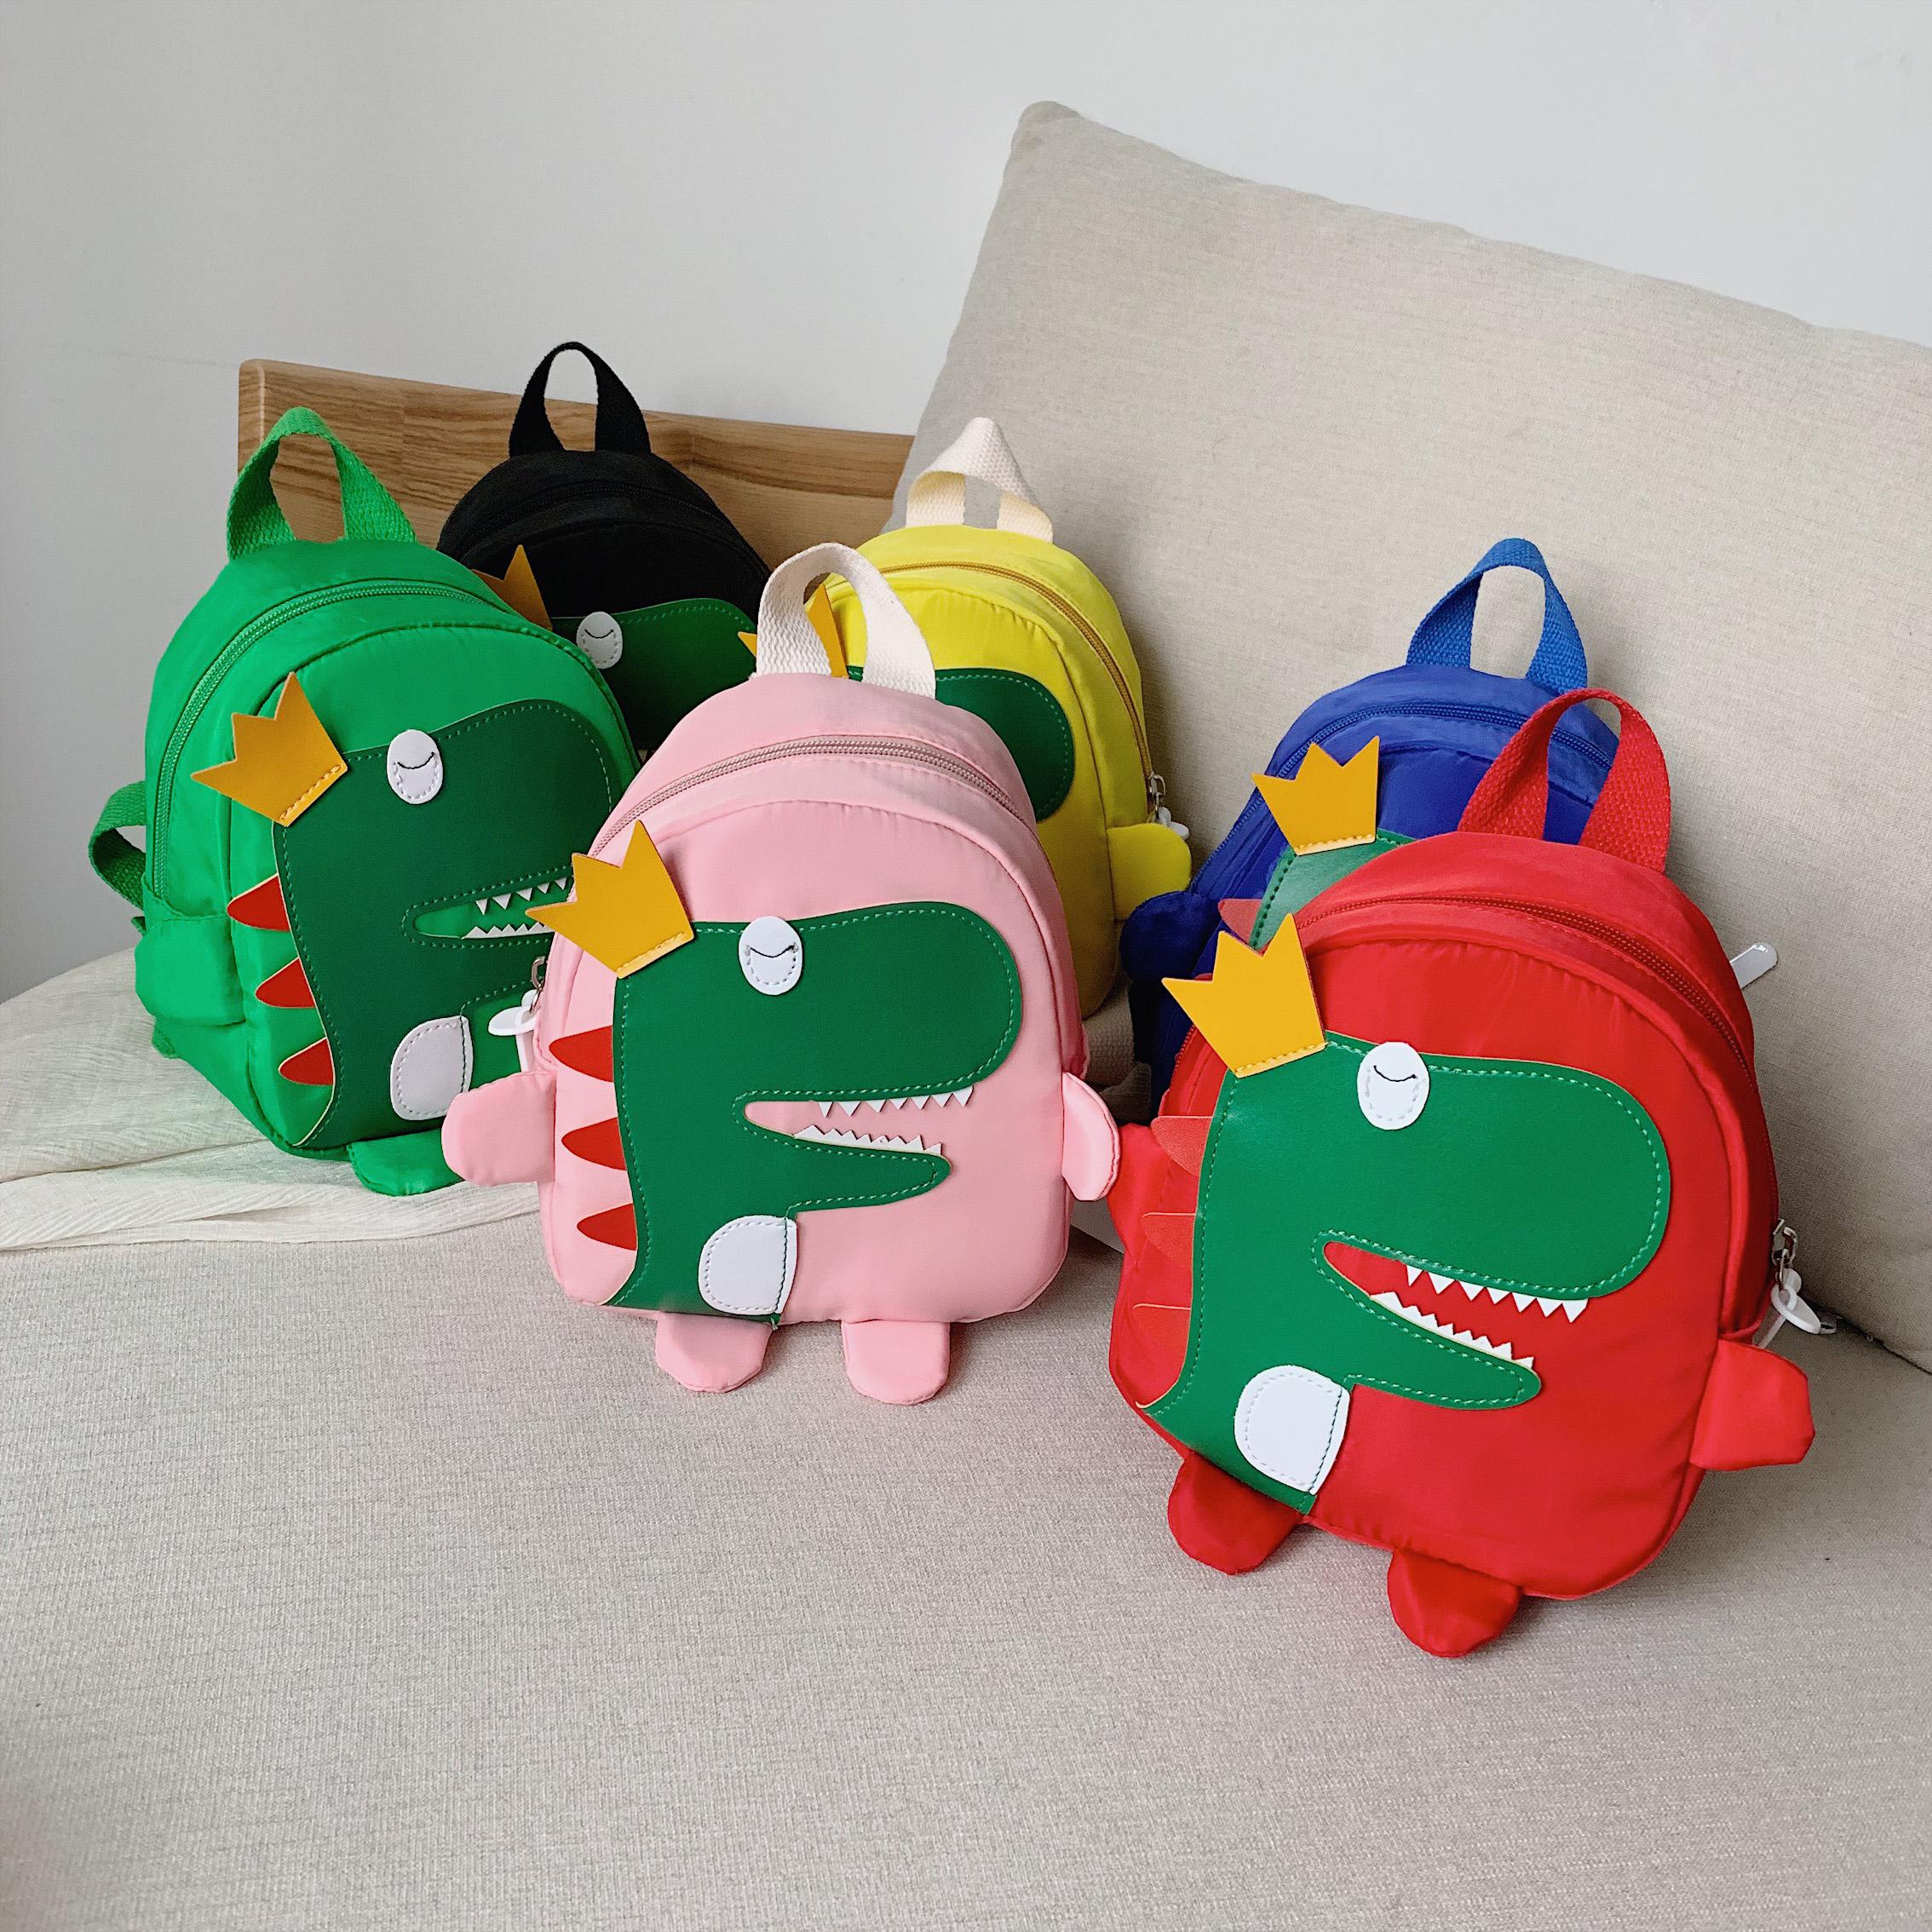 儿童包包2019新款恐龙男童双肩包卡通可爱女孩背包宝宝幼儿园书包11-27新券